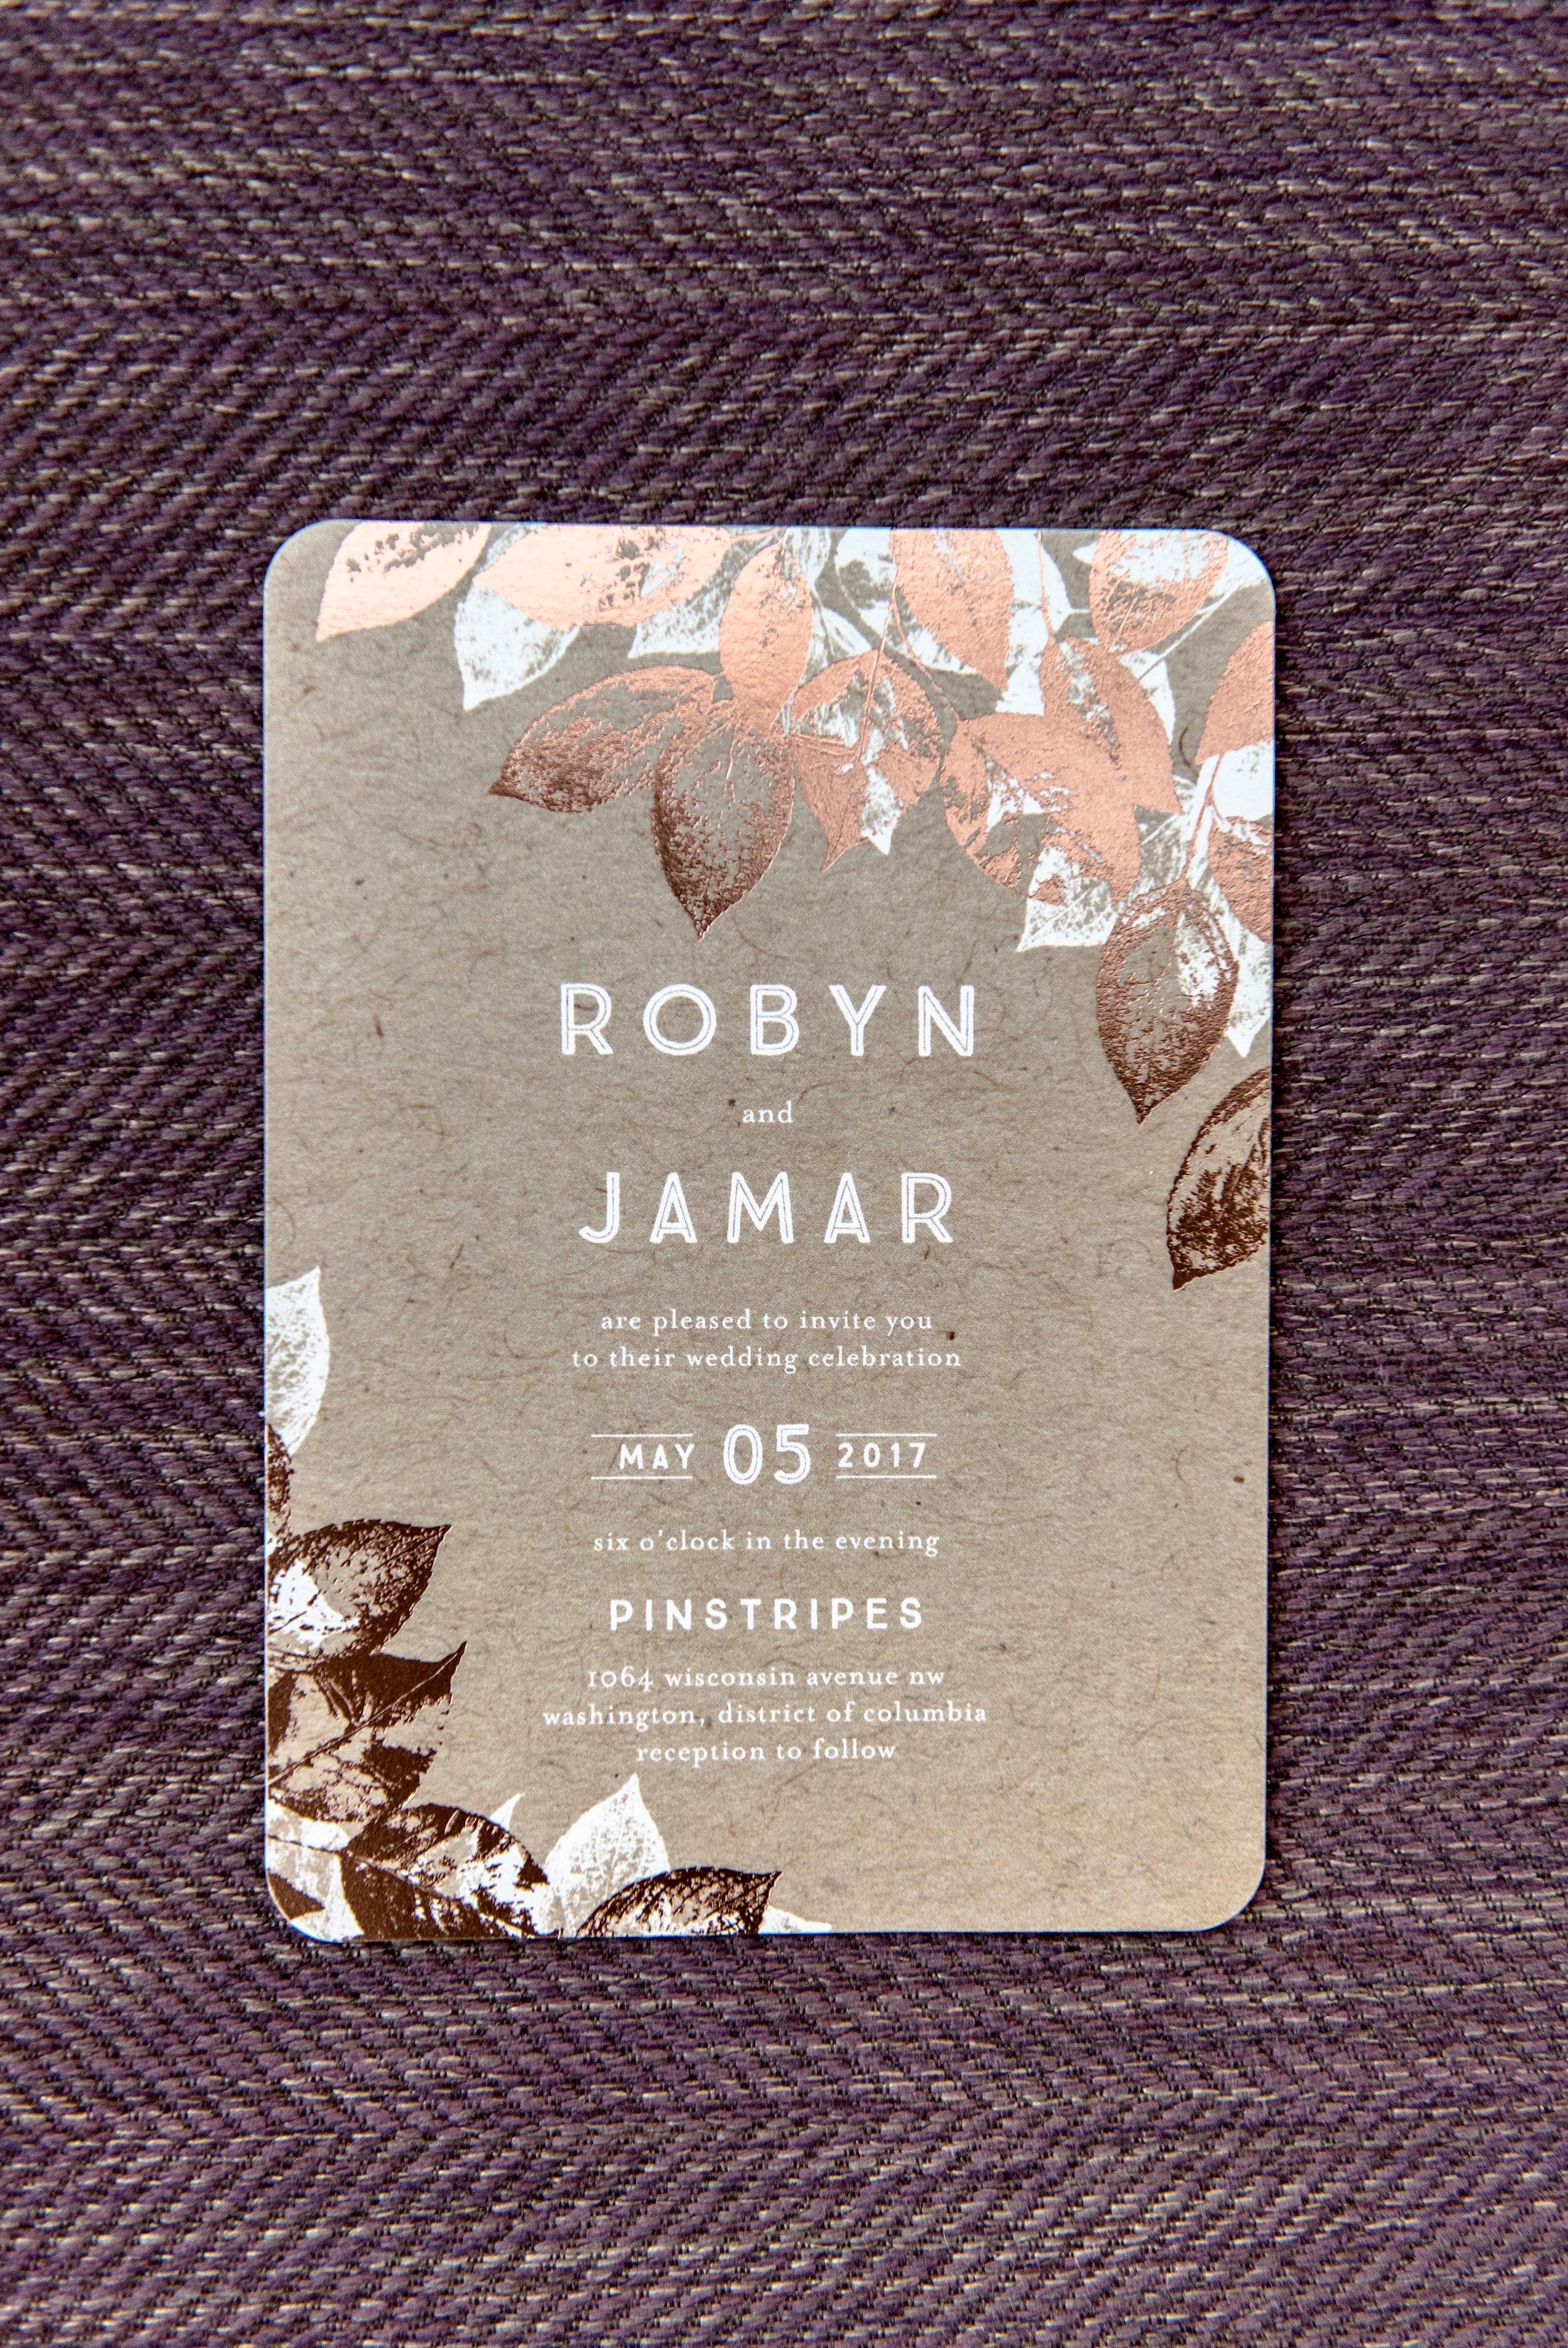 RobynandJamar-18.jpg